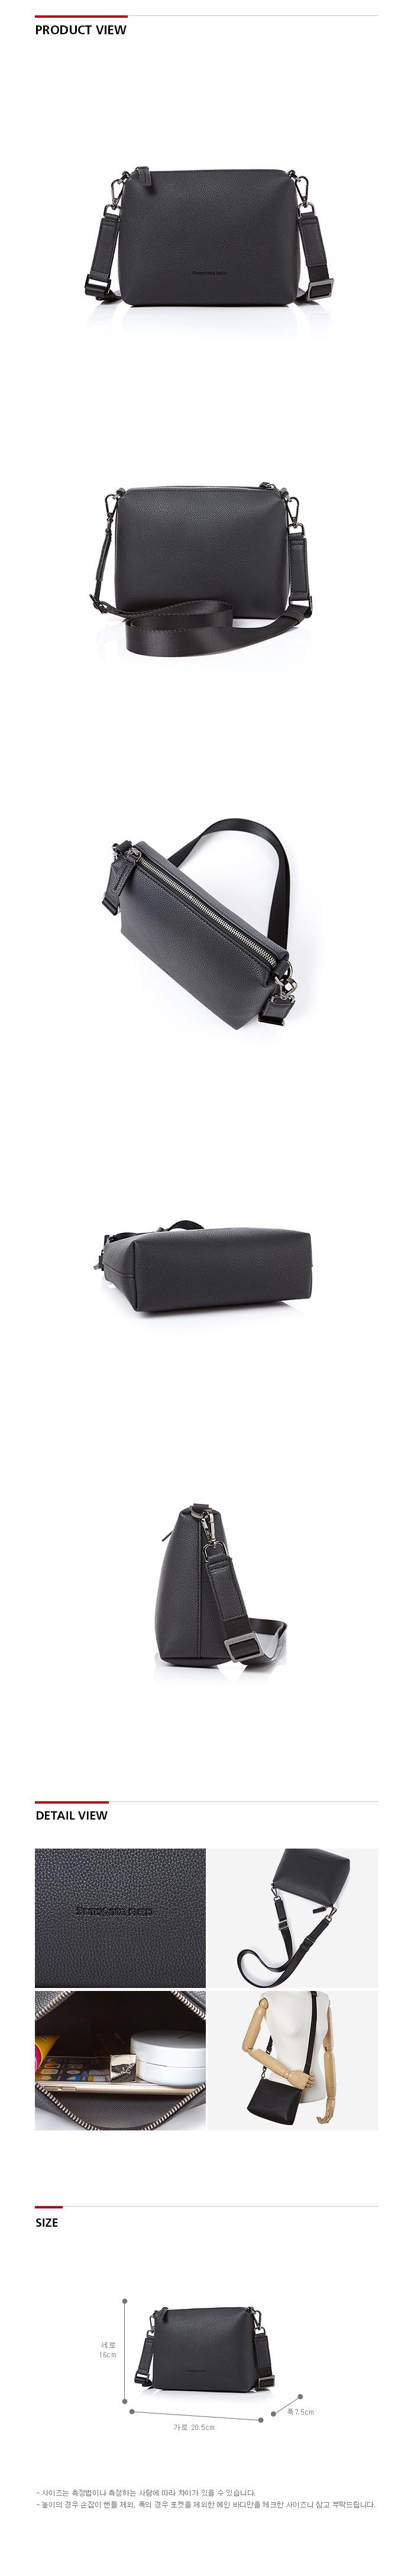 쌤소나이트 레드(SAMSONITE RED) HANIEE 크로스백 Black HF109002